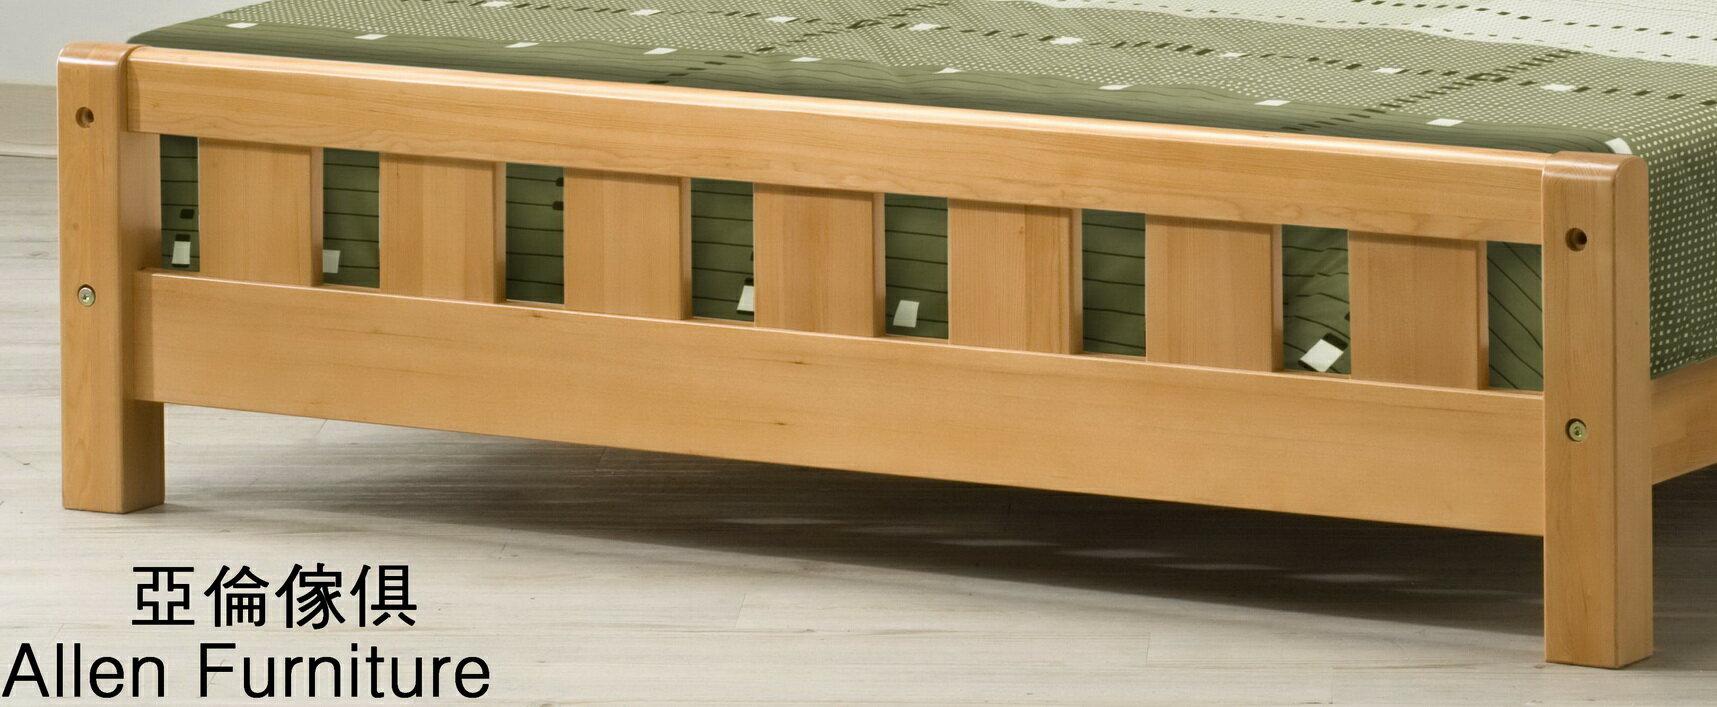 亞倫傢俱*安德烈檜木實木斜背雙人5尺床架 3